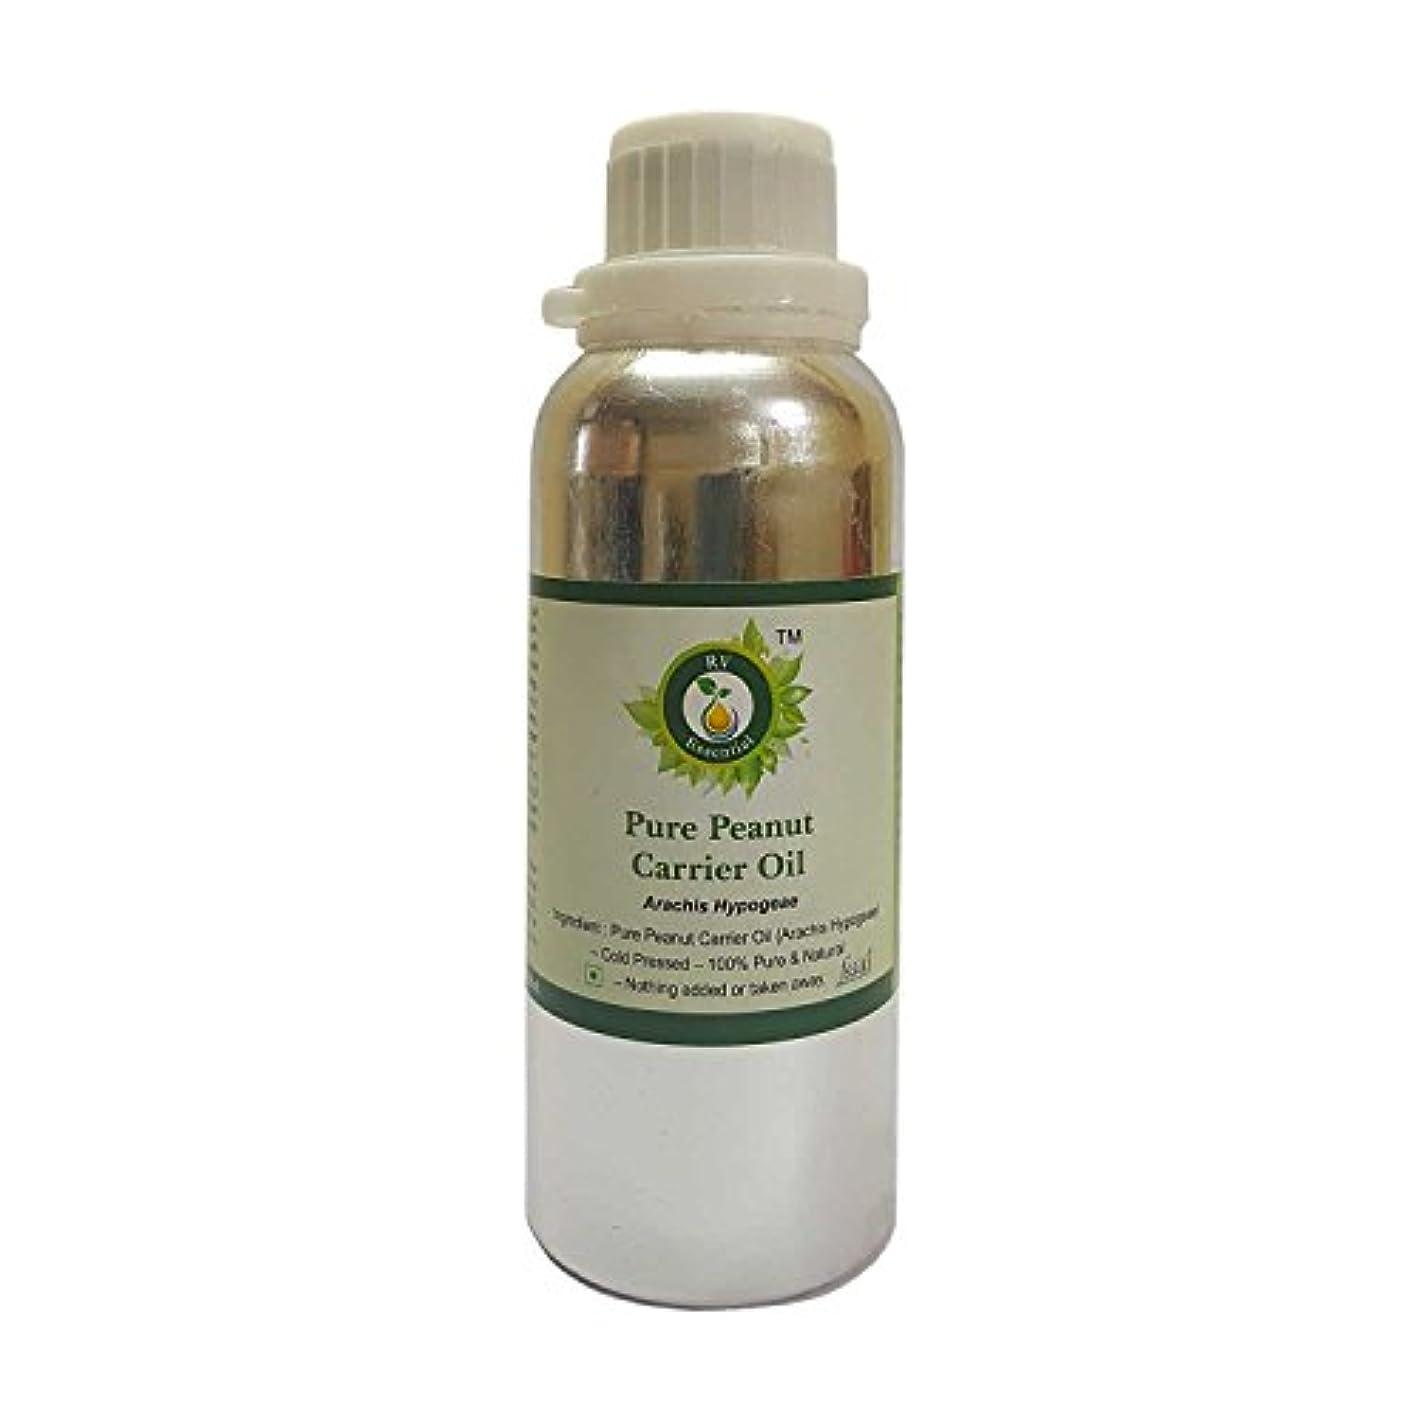 本換気するアボートR V Essential 純粋なピーナッツキャリアオイル1250ml (42oz)- Arachis Hypogeae (100%ピュア&ナチュラルコールドPressed) Pure Peanut Carrier Oil